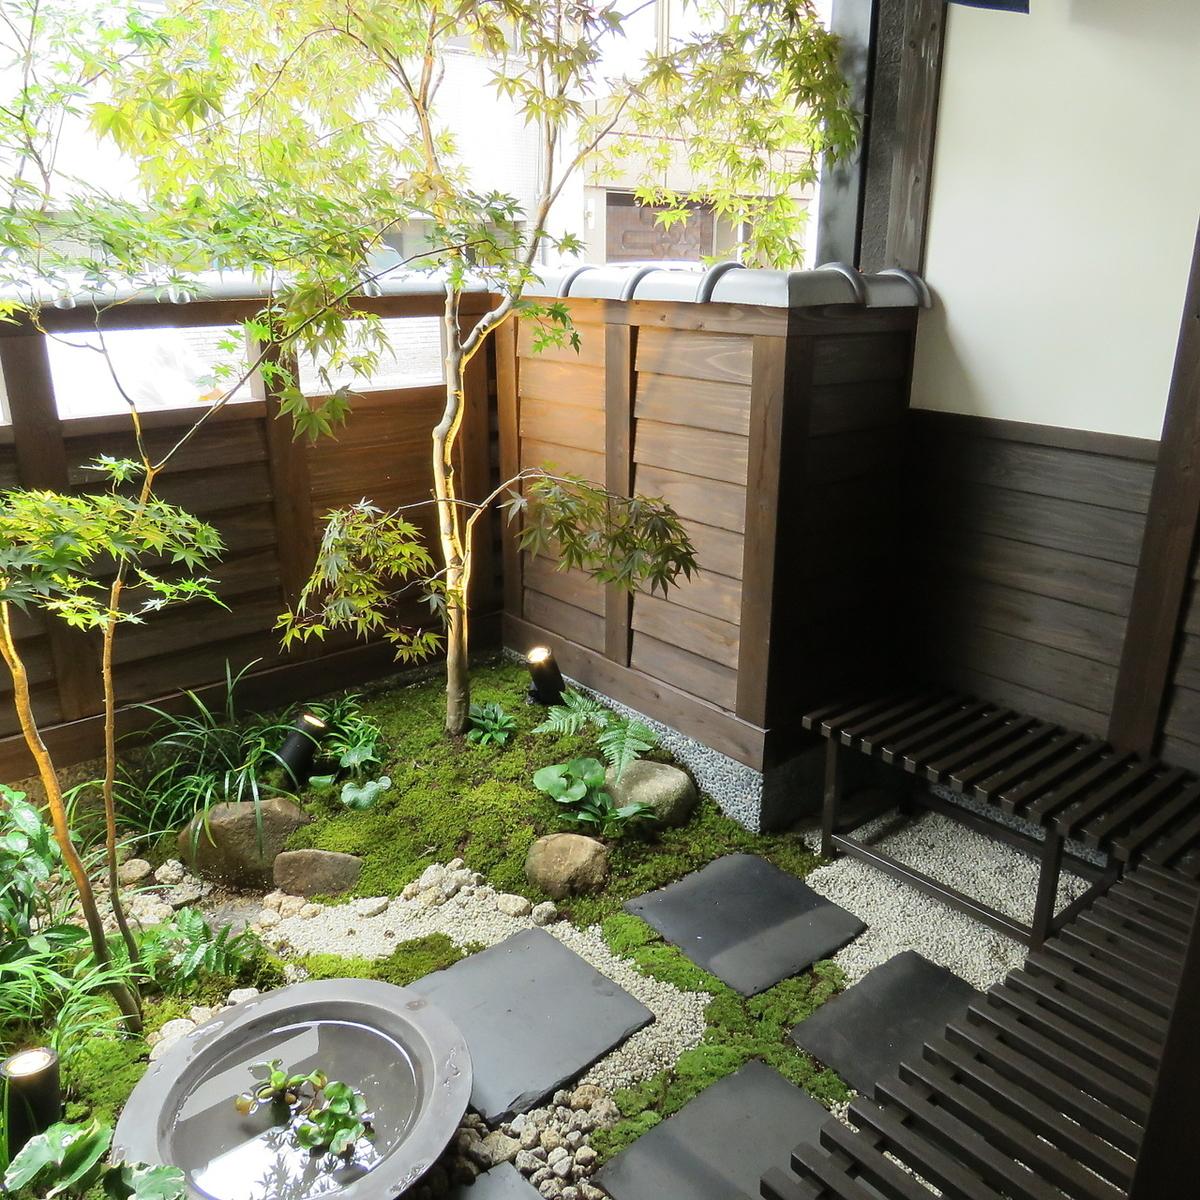 完成したばかりの店内はとてもキレイ!庭園もございます。